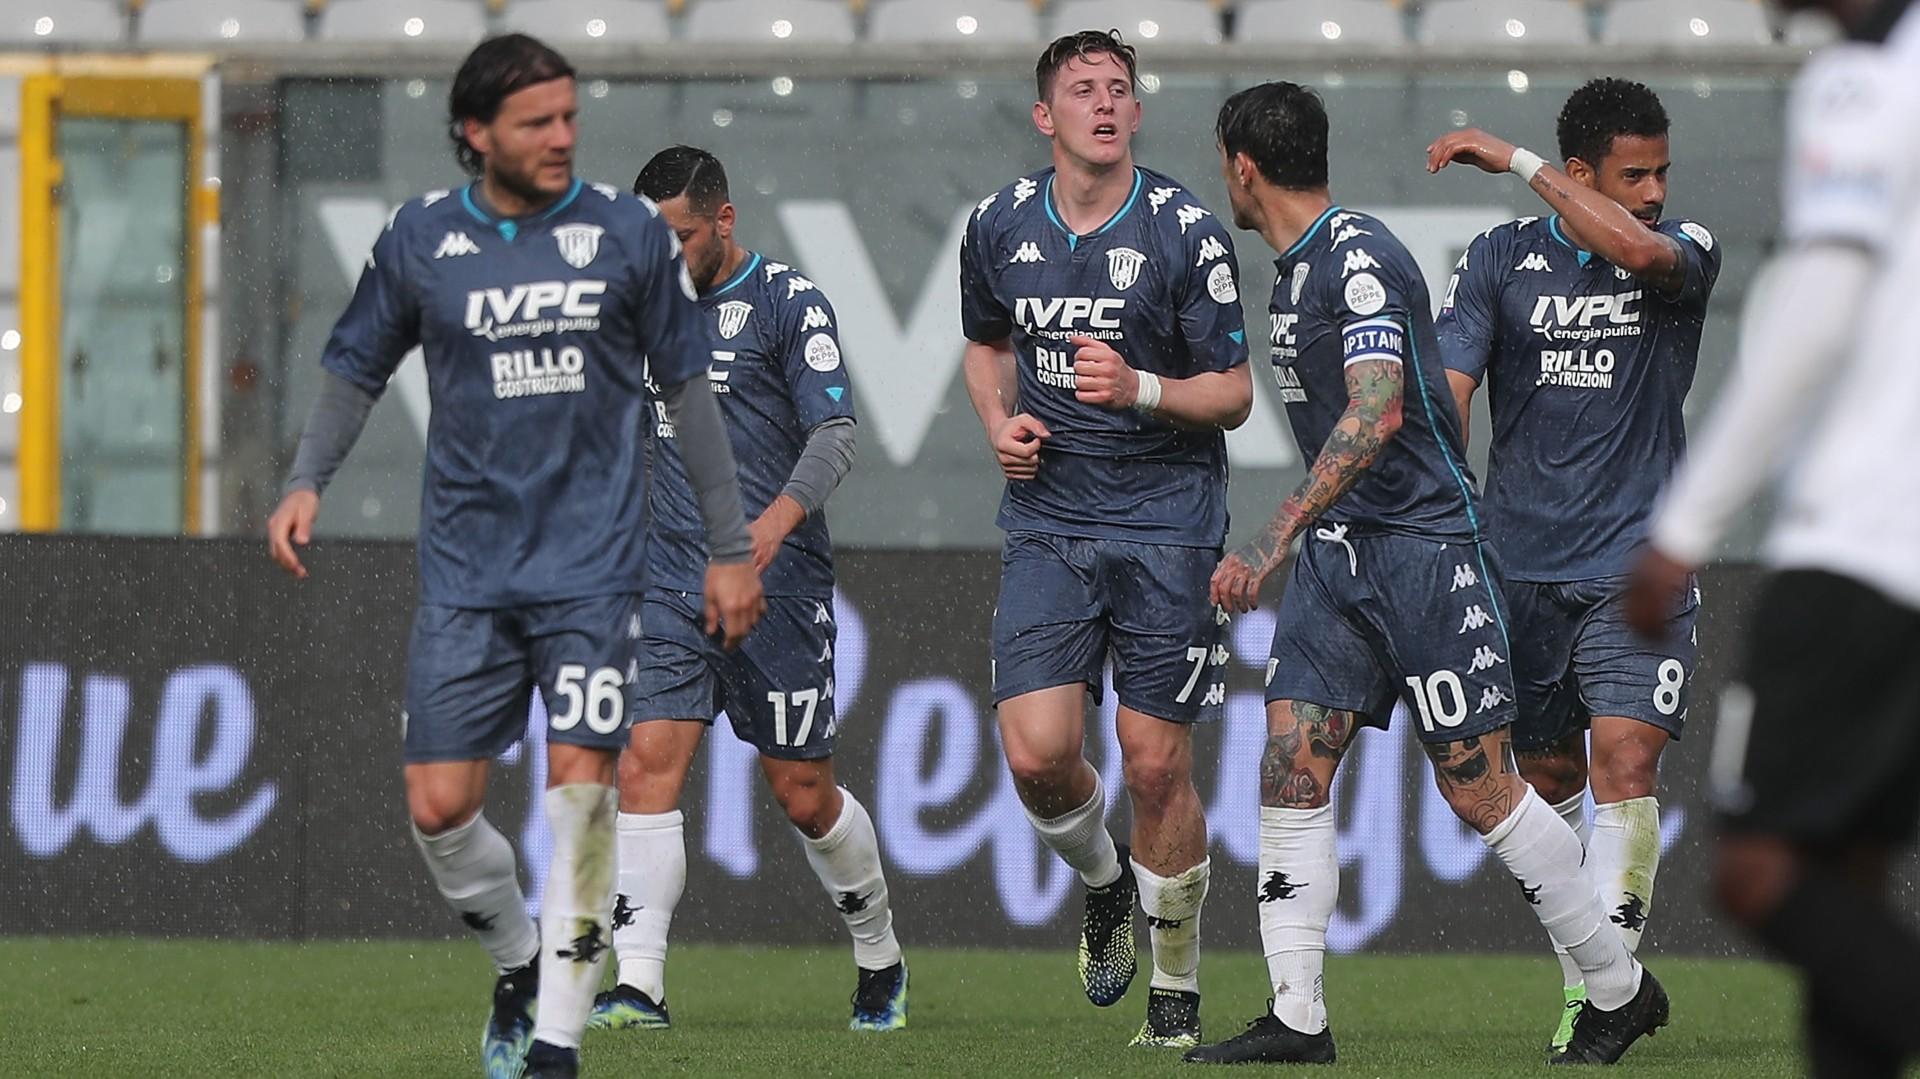 Spezia-Benevento 1-1: scontro salvezza senza vincitori e vinti